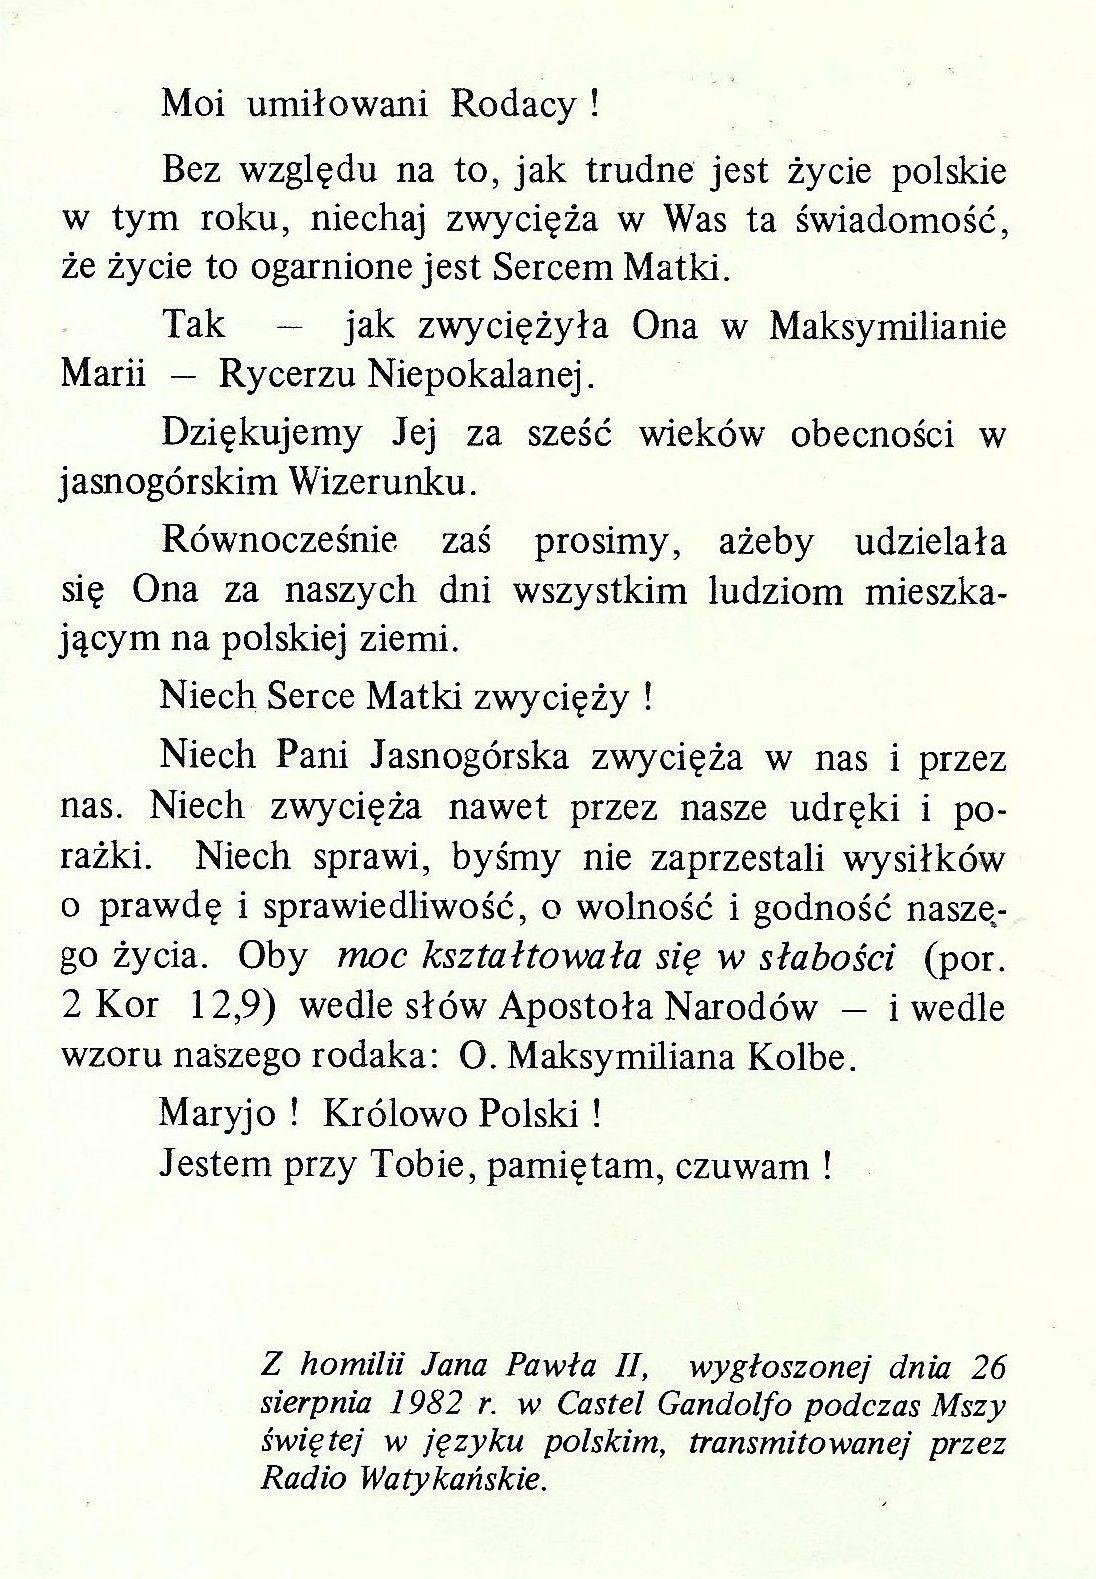 2. wyjątek z homilii JP II z 26.08.1982 r